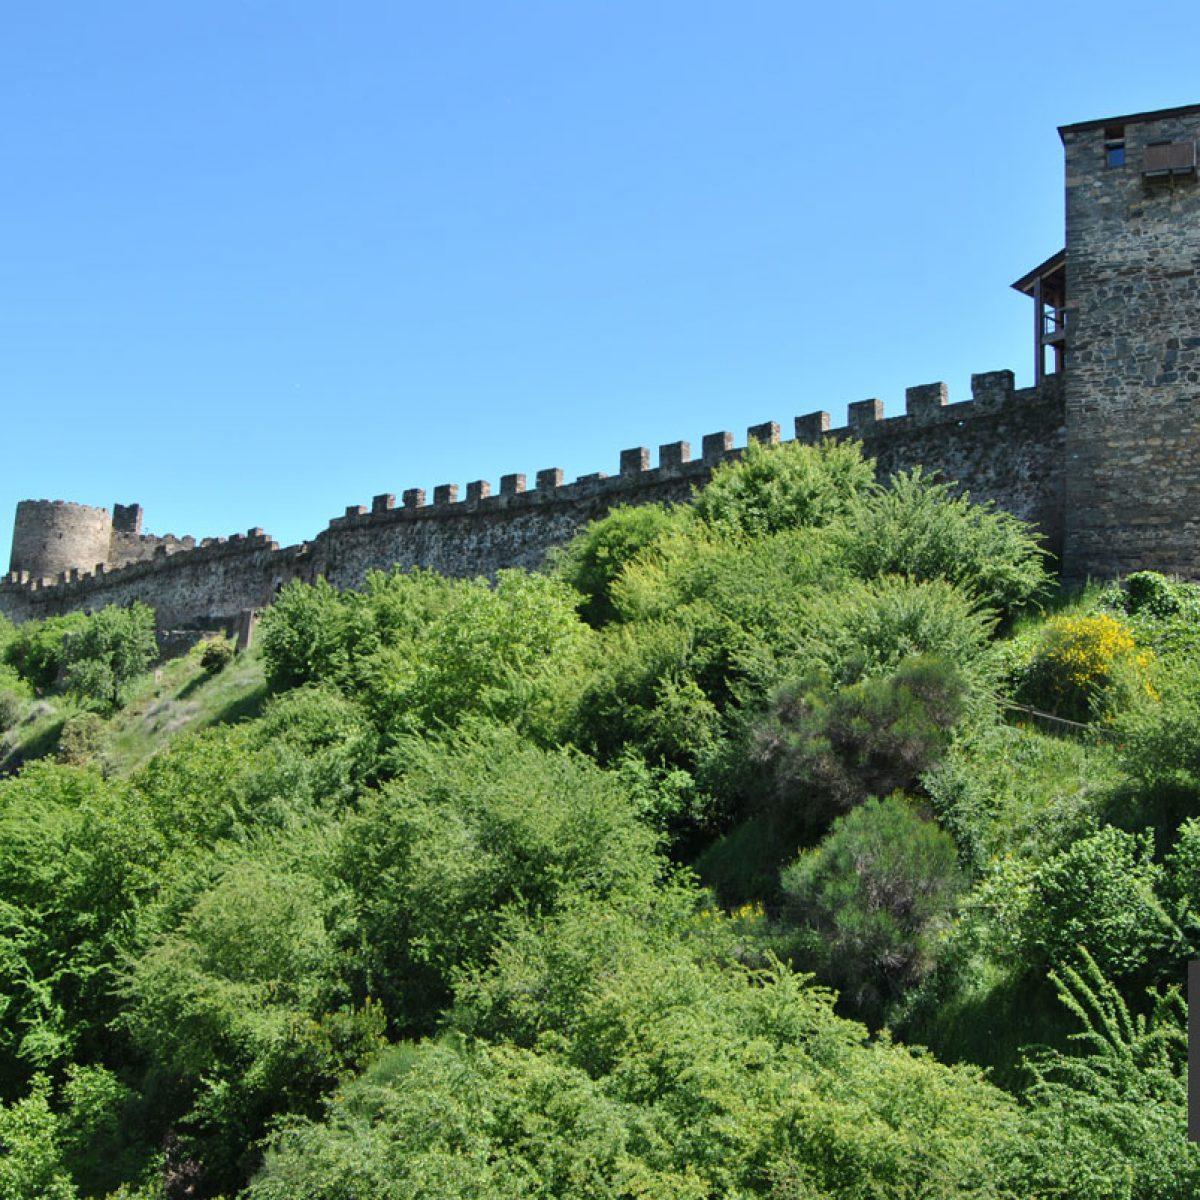 Grabaciones profesionales autorizadas en el Castillo